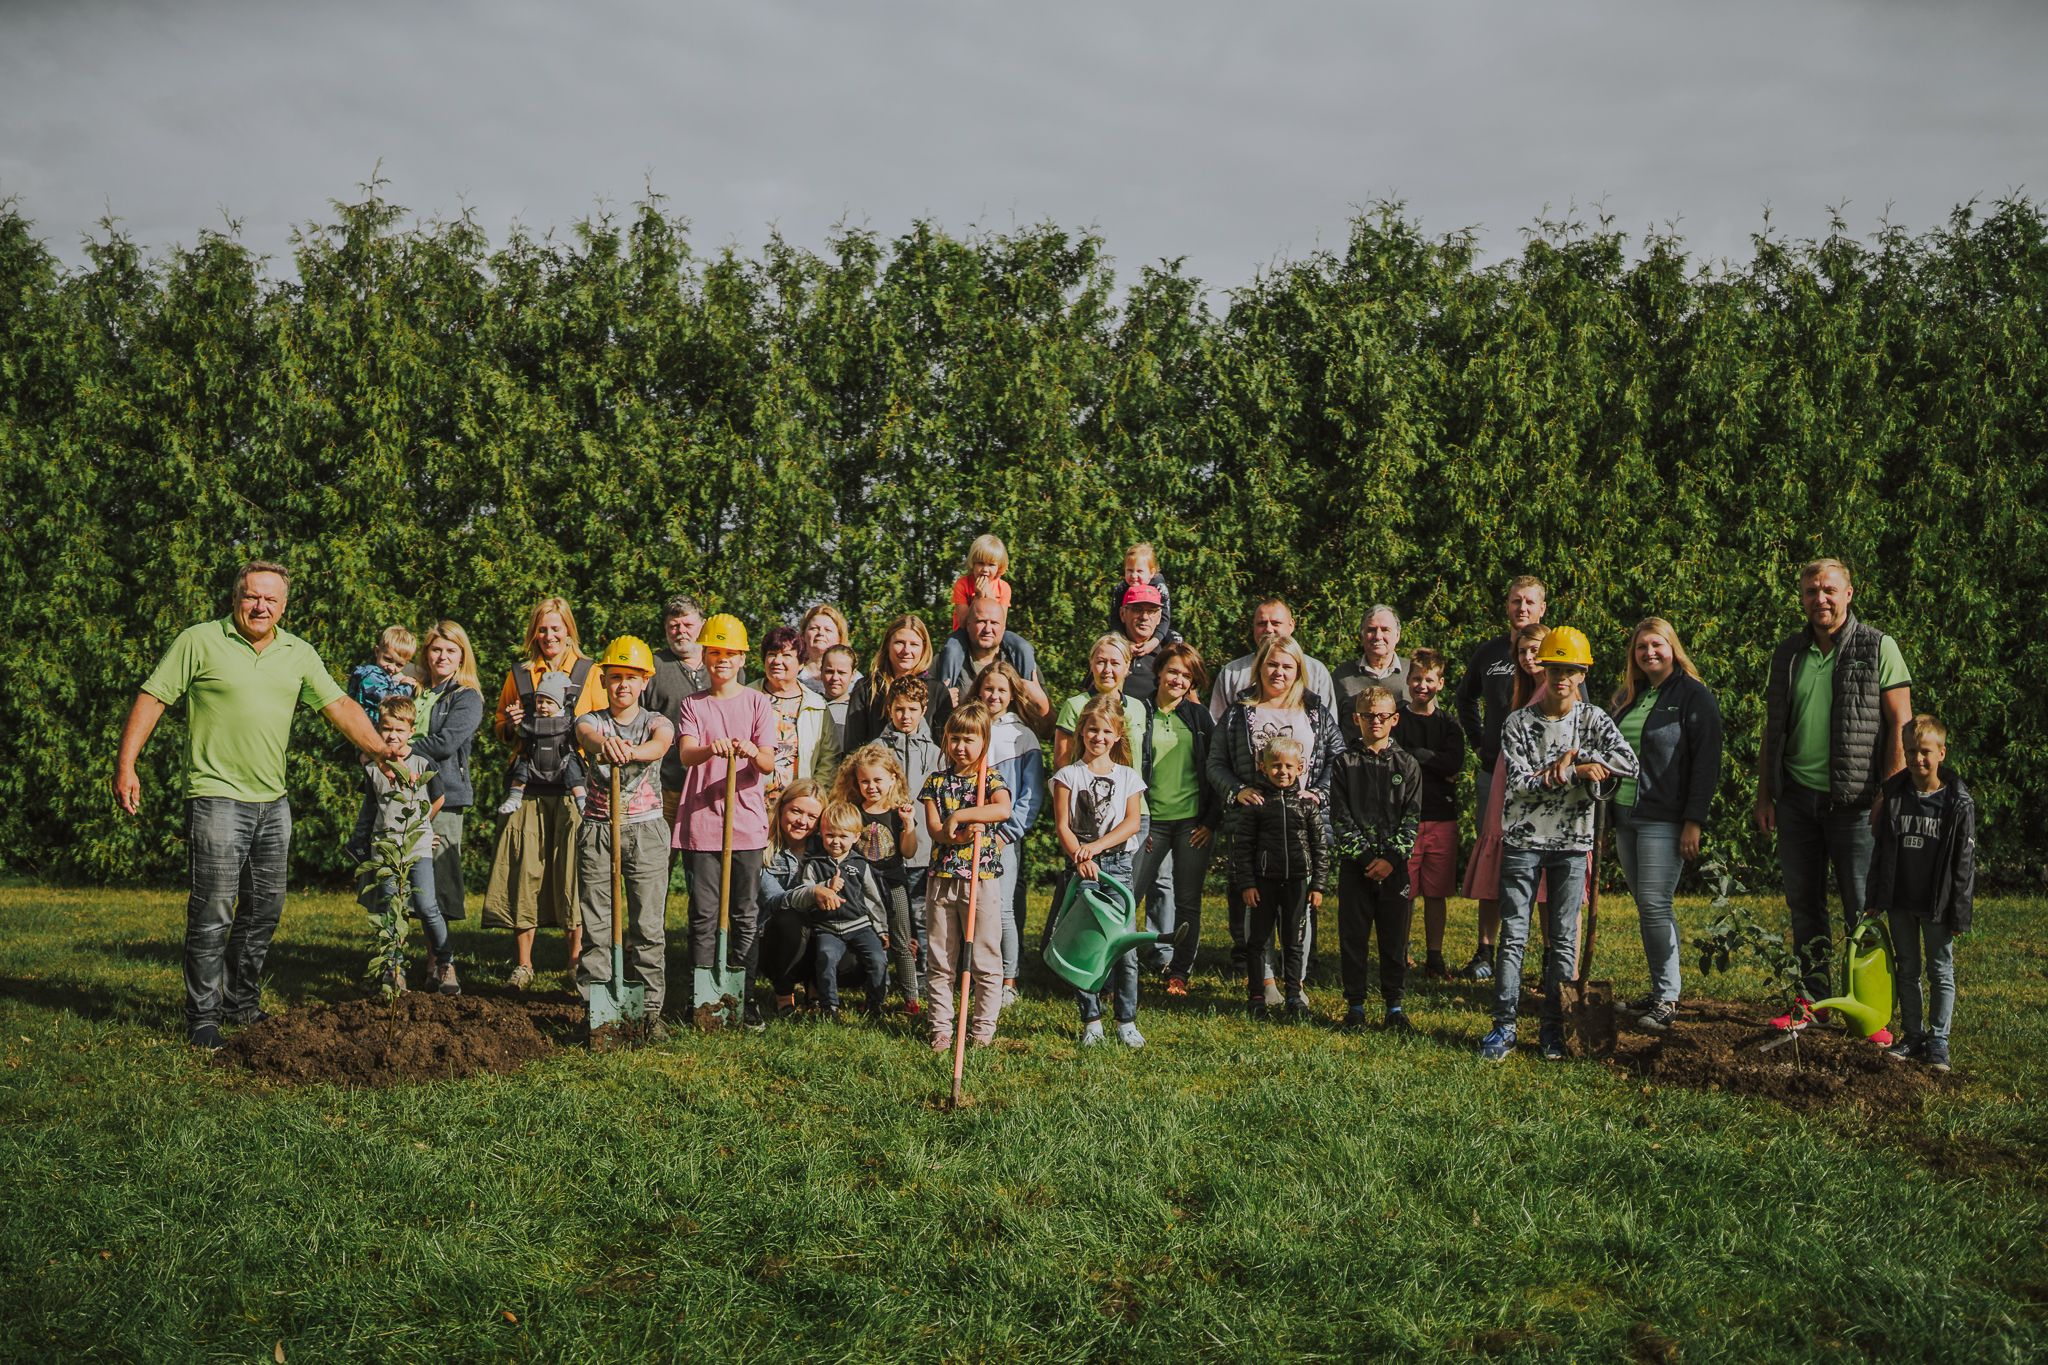 LRAS darbinieku ģimenes ar bērniem, stāda kokus